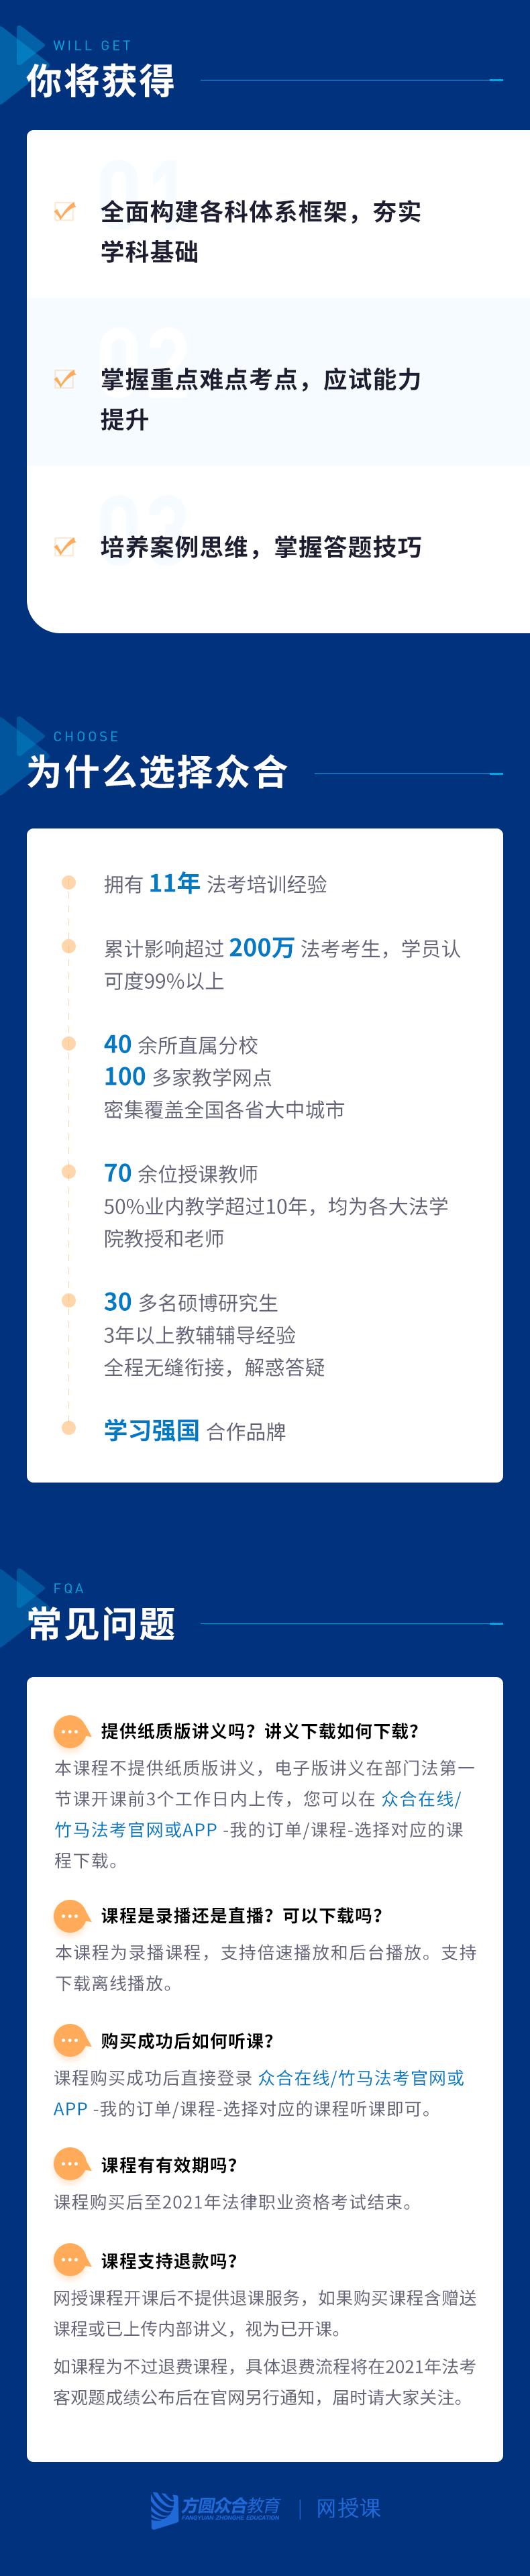 客观题旗舰全程班详情页3_04.png